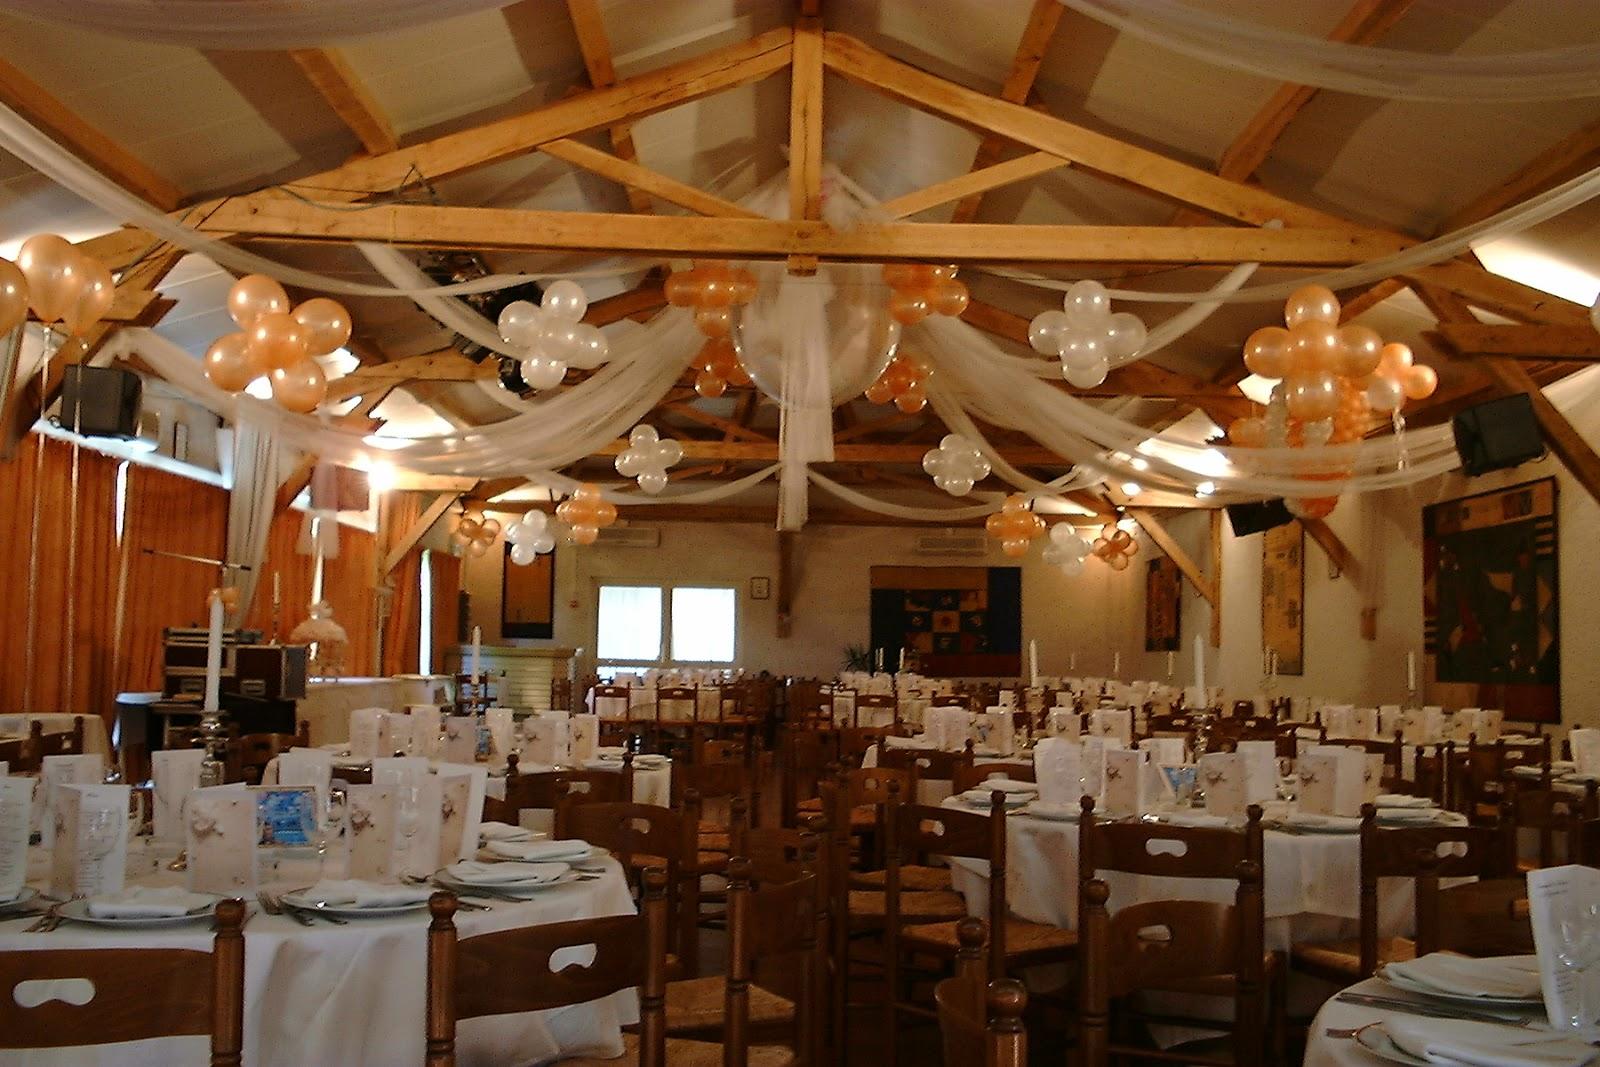 decoration de mariage pour plafond id es et d. Black Bedroom Furniture Sets. Home Design Ideas